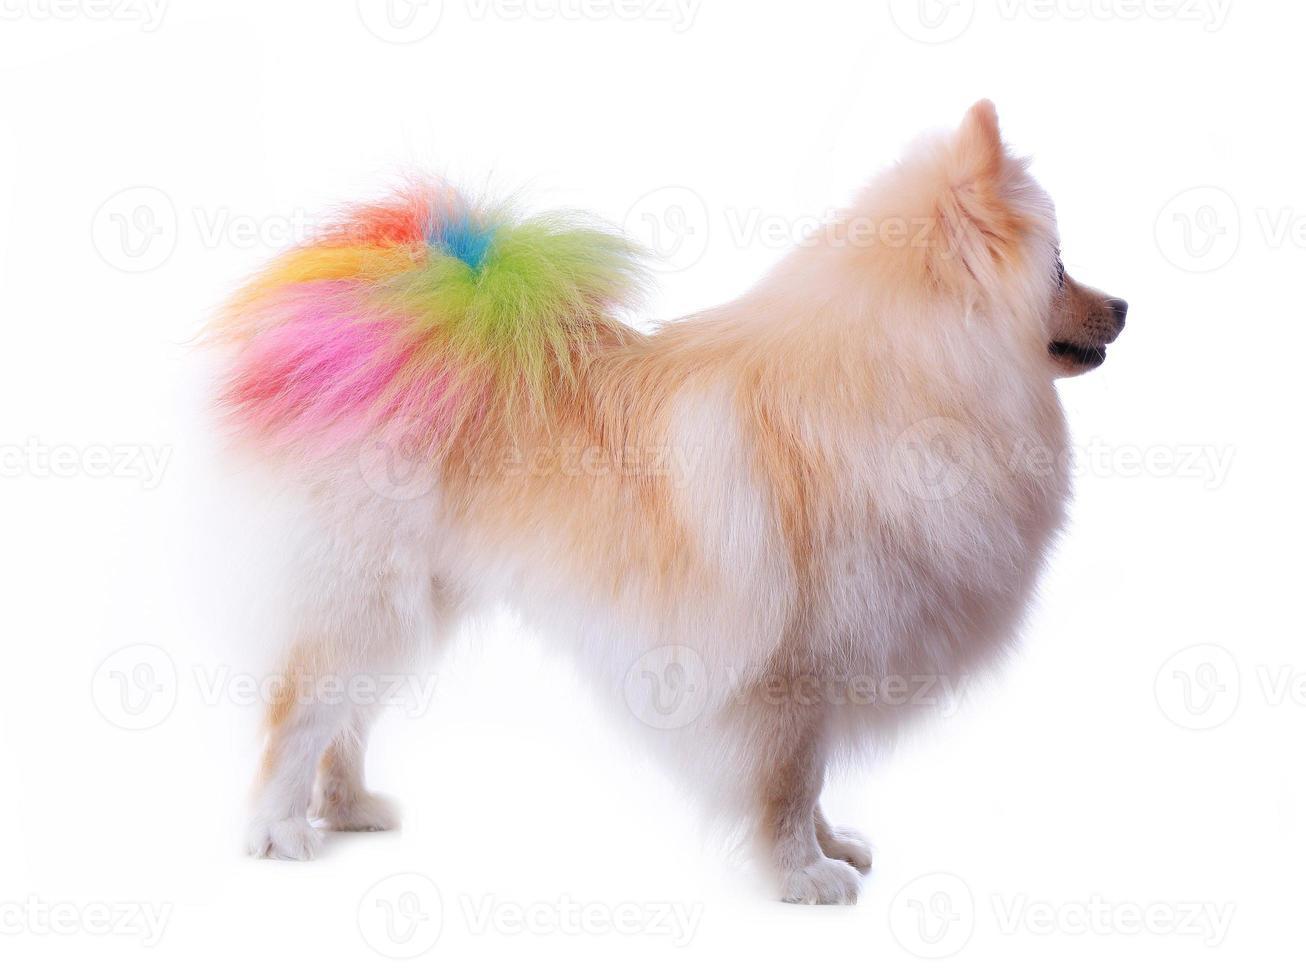 cão pomeranian branco aliciamento cauda colorida foto